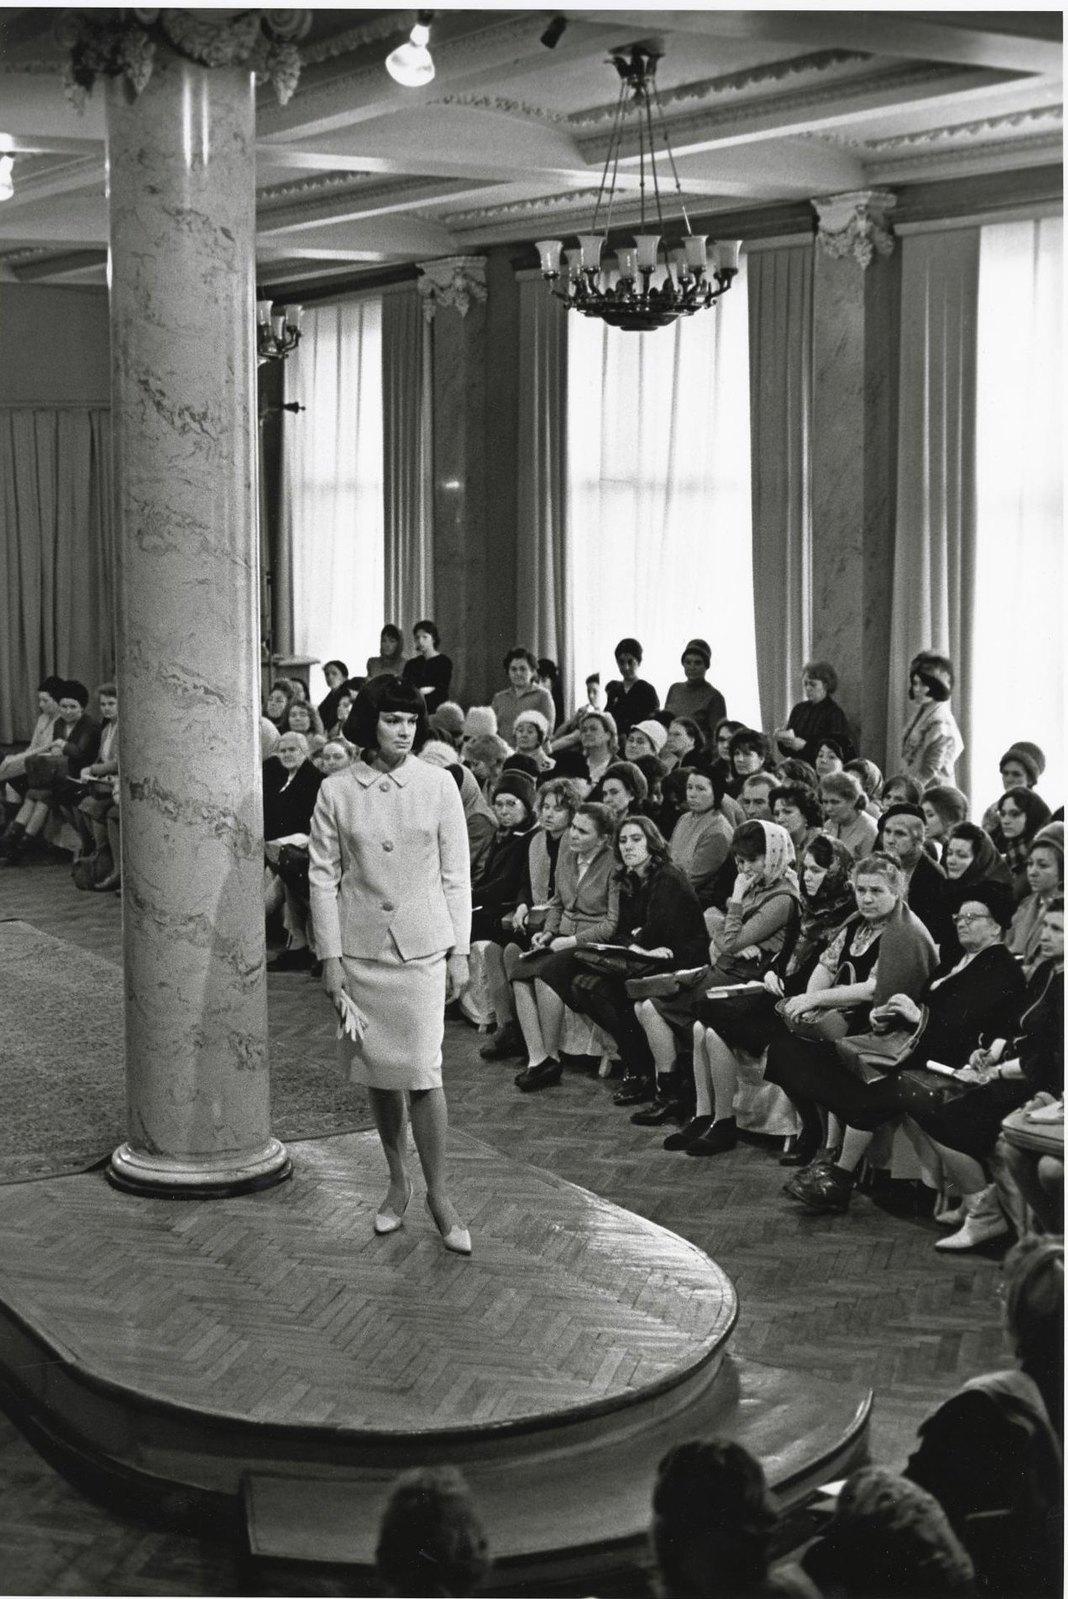 1965. Общесоюзный дом моделей (ОДМО). На подиуме манекенщица Елена Изоргина